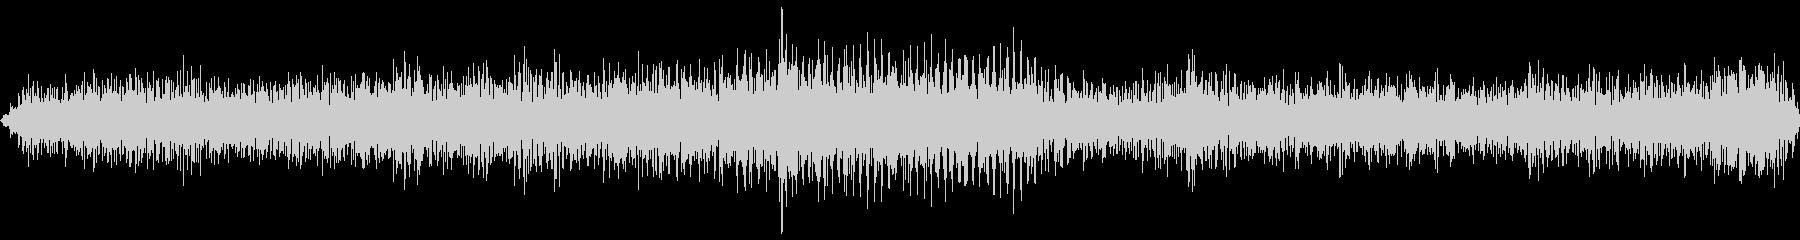 トラックディーゼルスローギアグラインドの未再生の波形